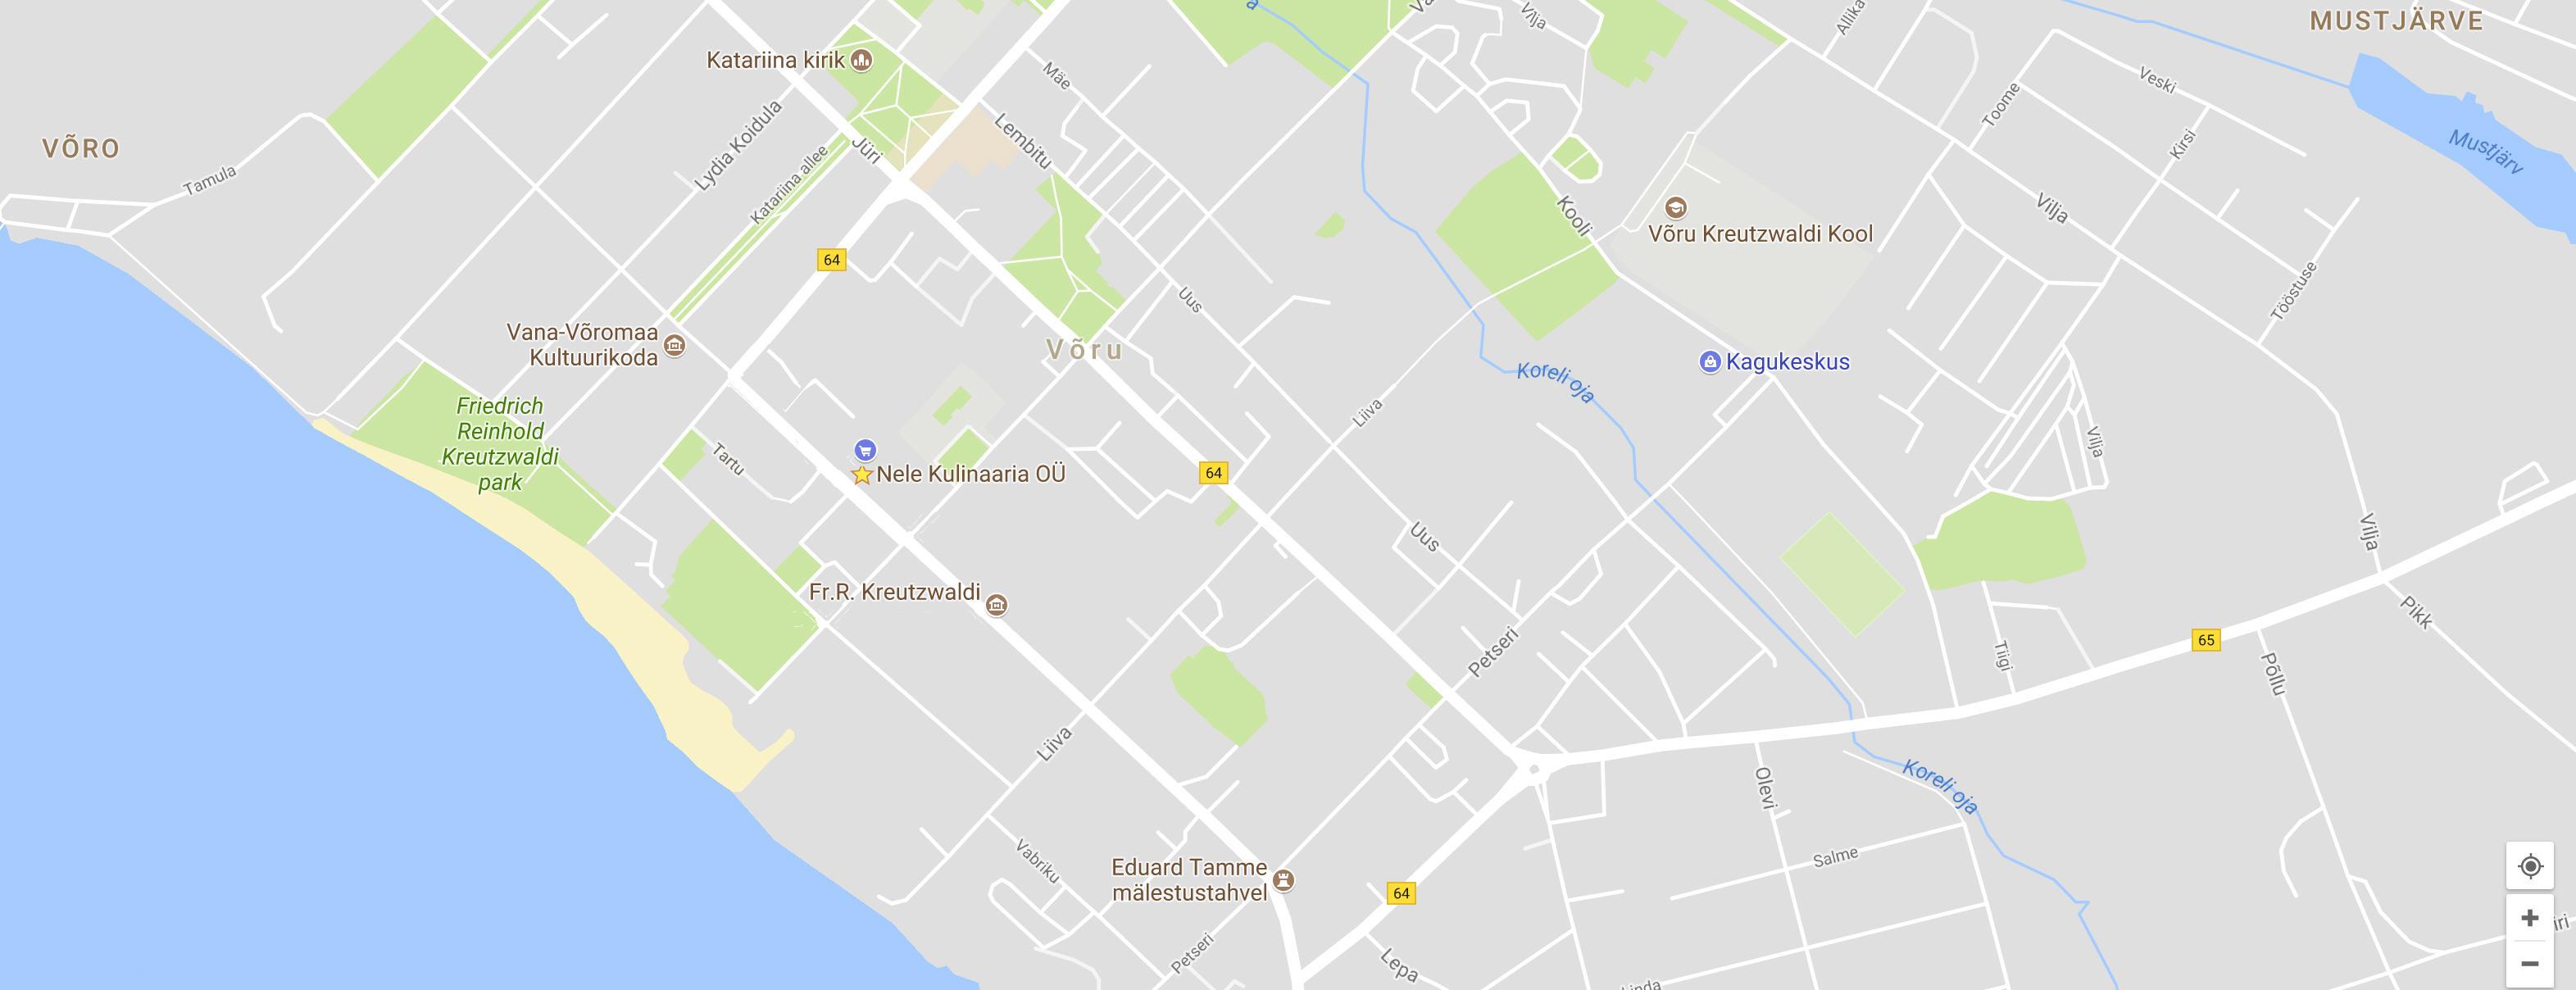 Google Map pilt1